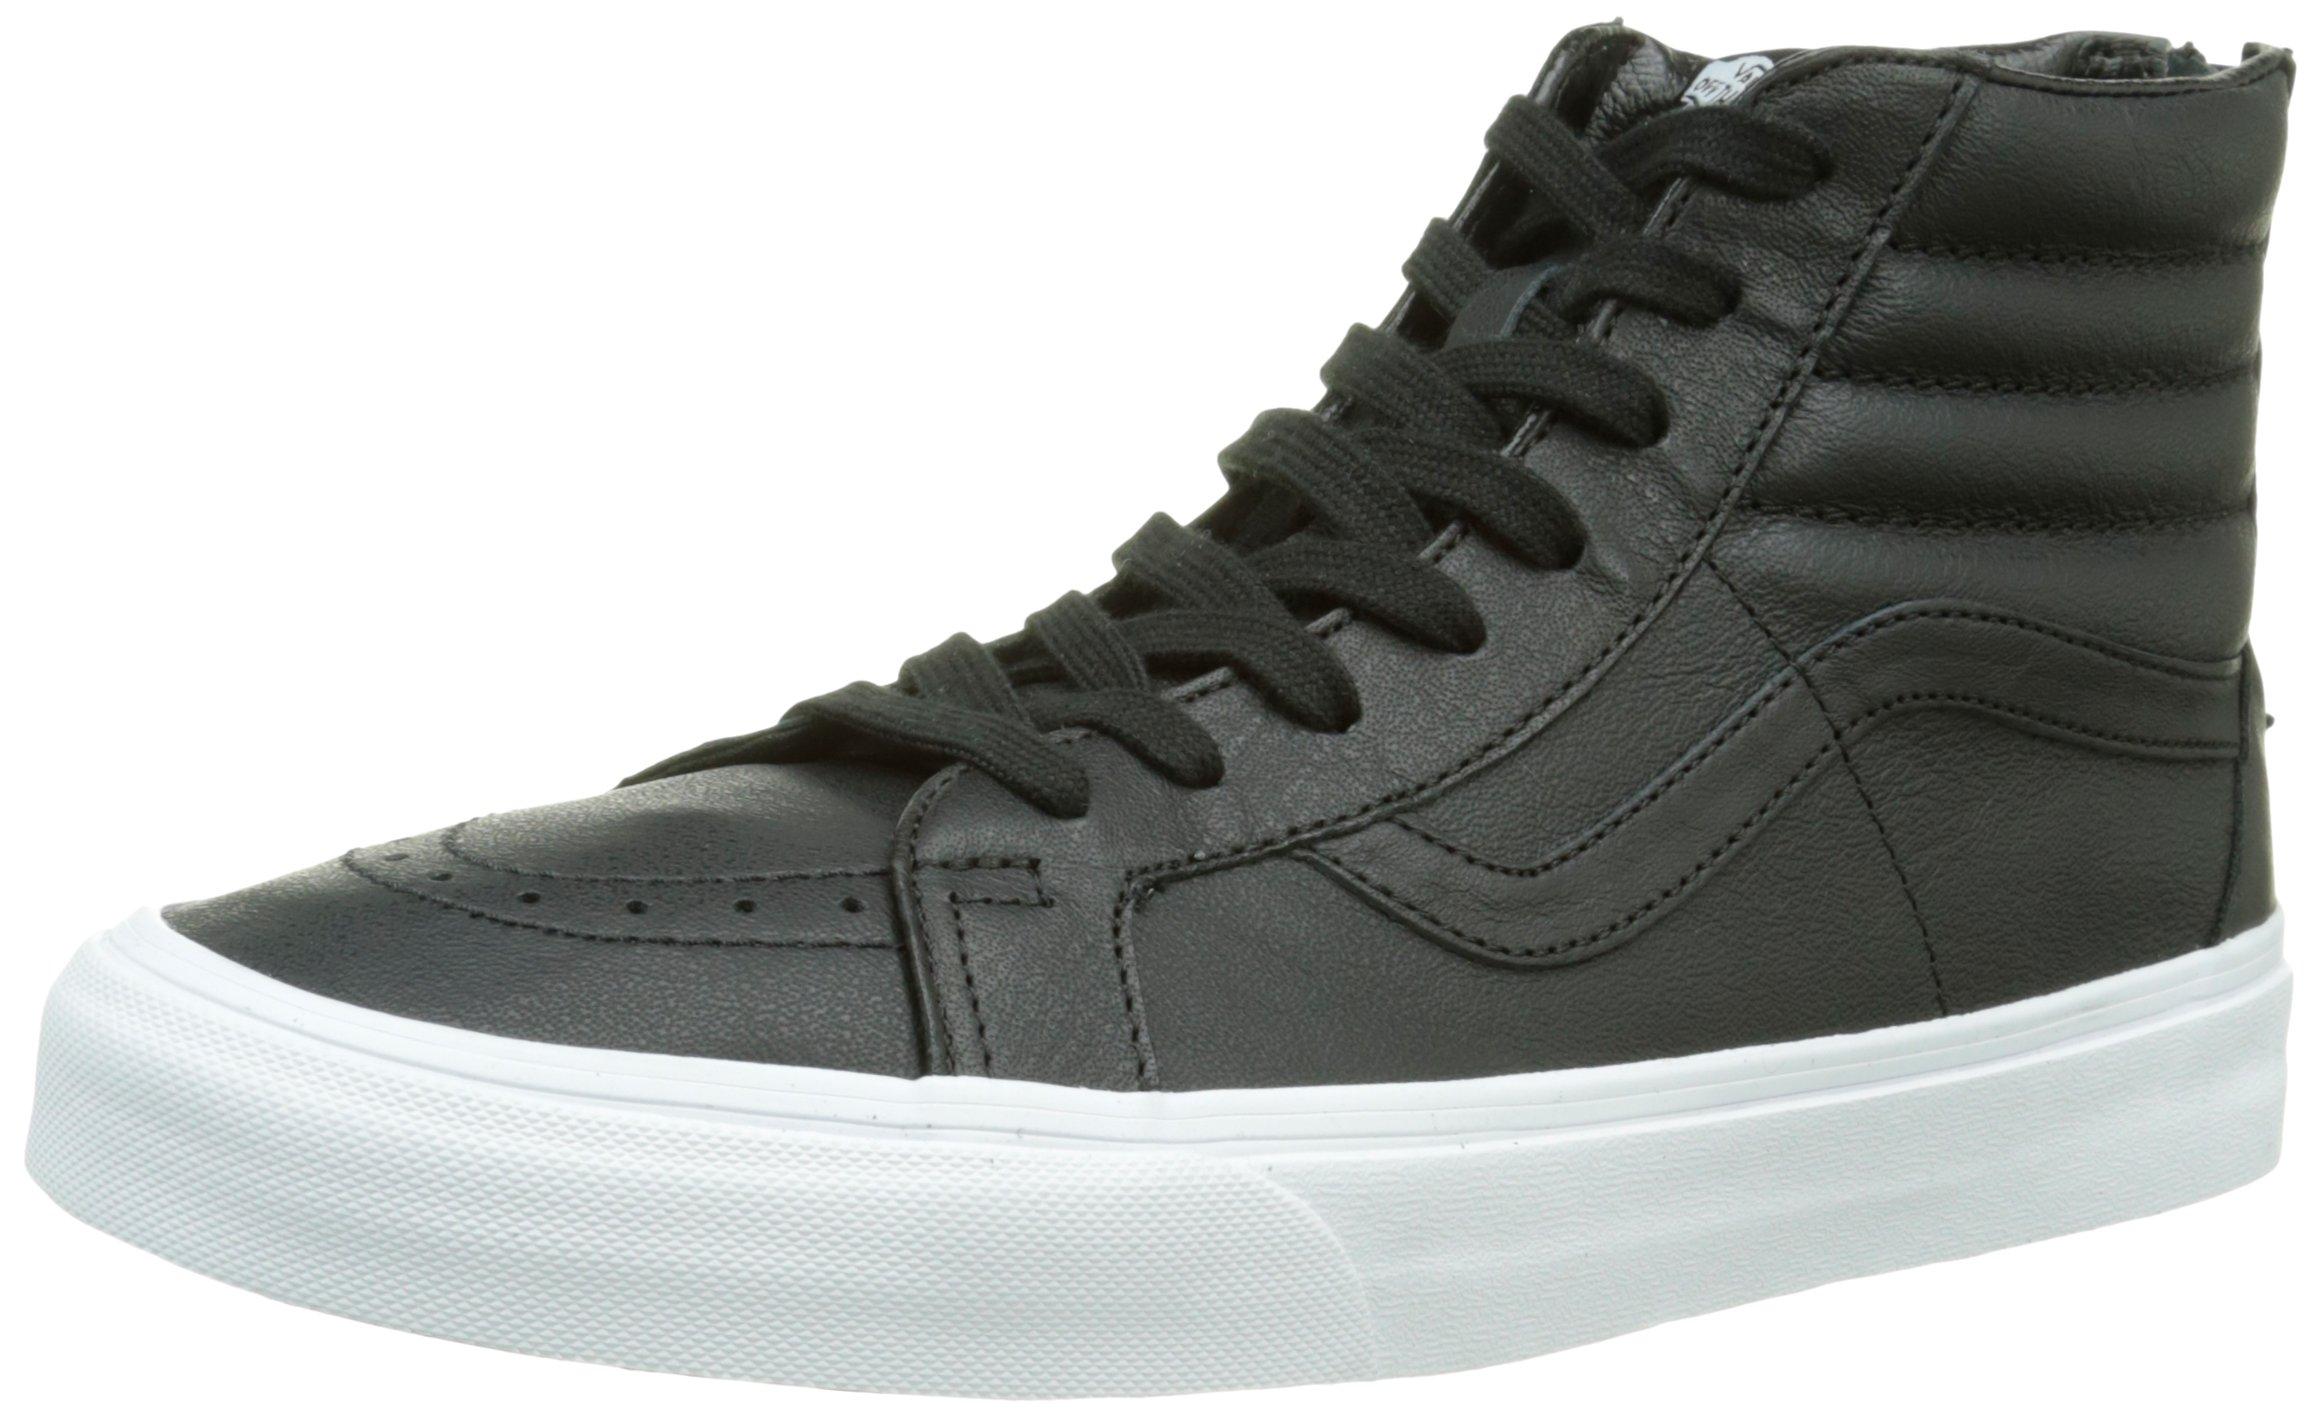 Vans - Unisex-Adult SK8-Hi Reissue Zip Shoes, Size: 5.5 D(M) US Mens / 7 B(M) US Womens, Color: (Premium Leather) Black/True White